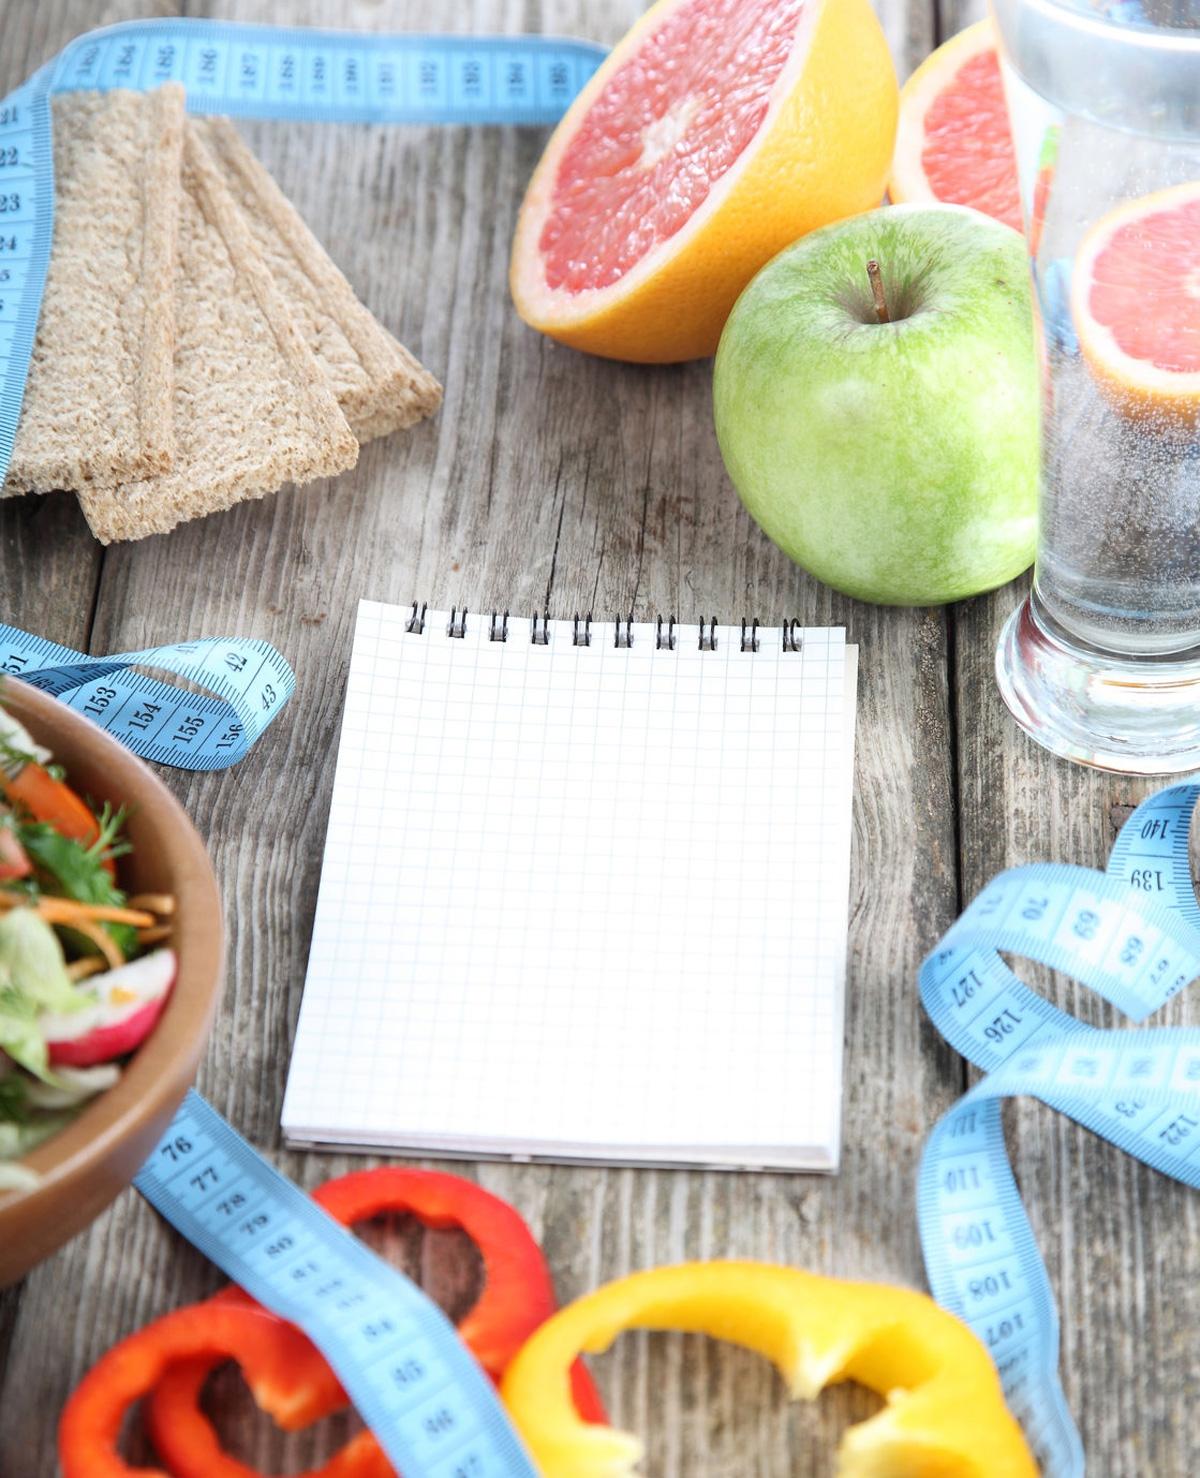 Eibertje geeft tips op het eetdagboek van lezeres Joyce